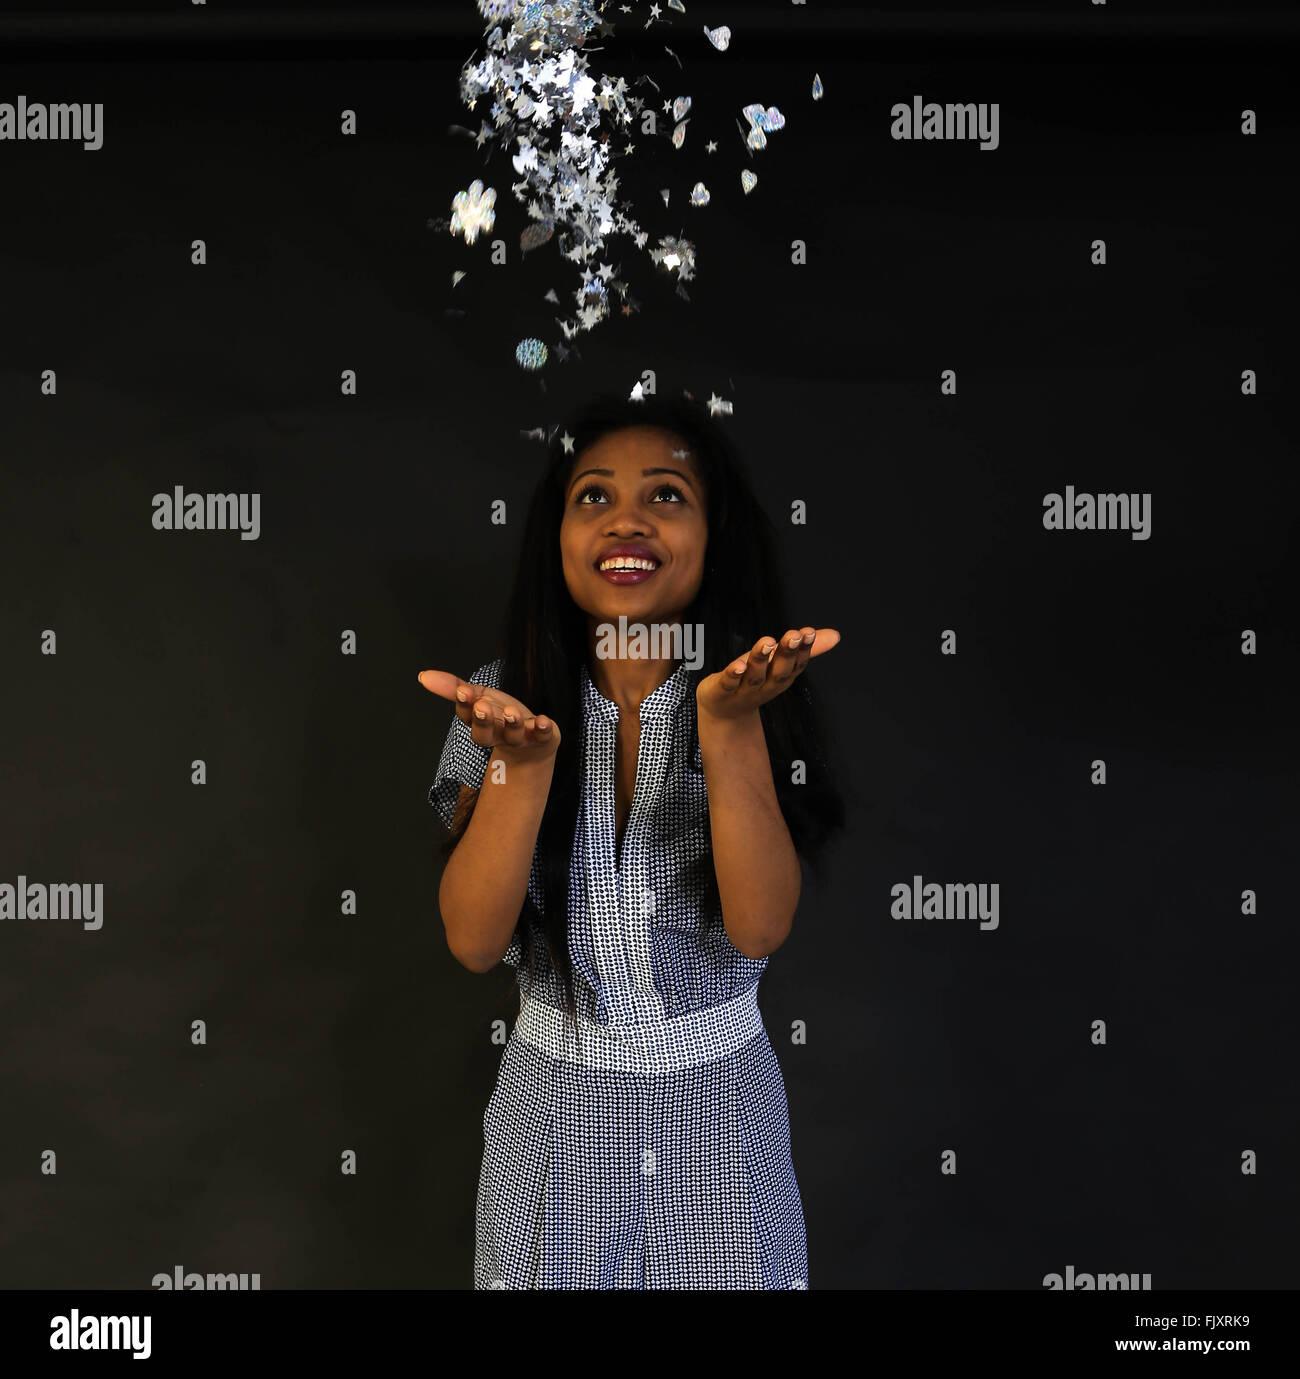 Cheerful Woman Throwing Objets de décoration contre l'arrière-plan de couleur Photo Stock